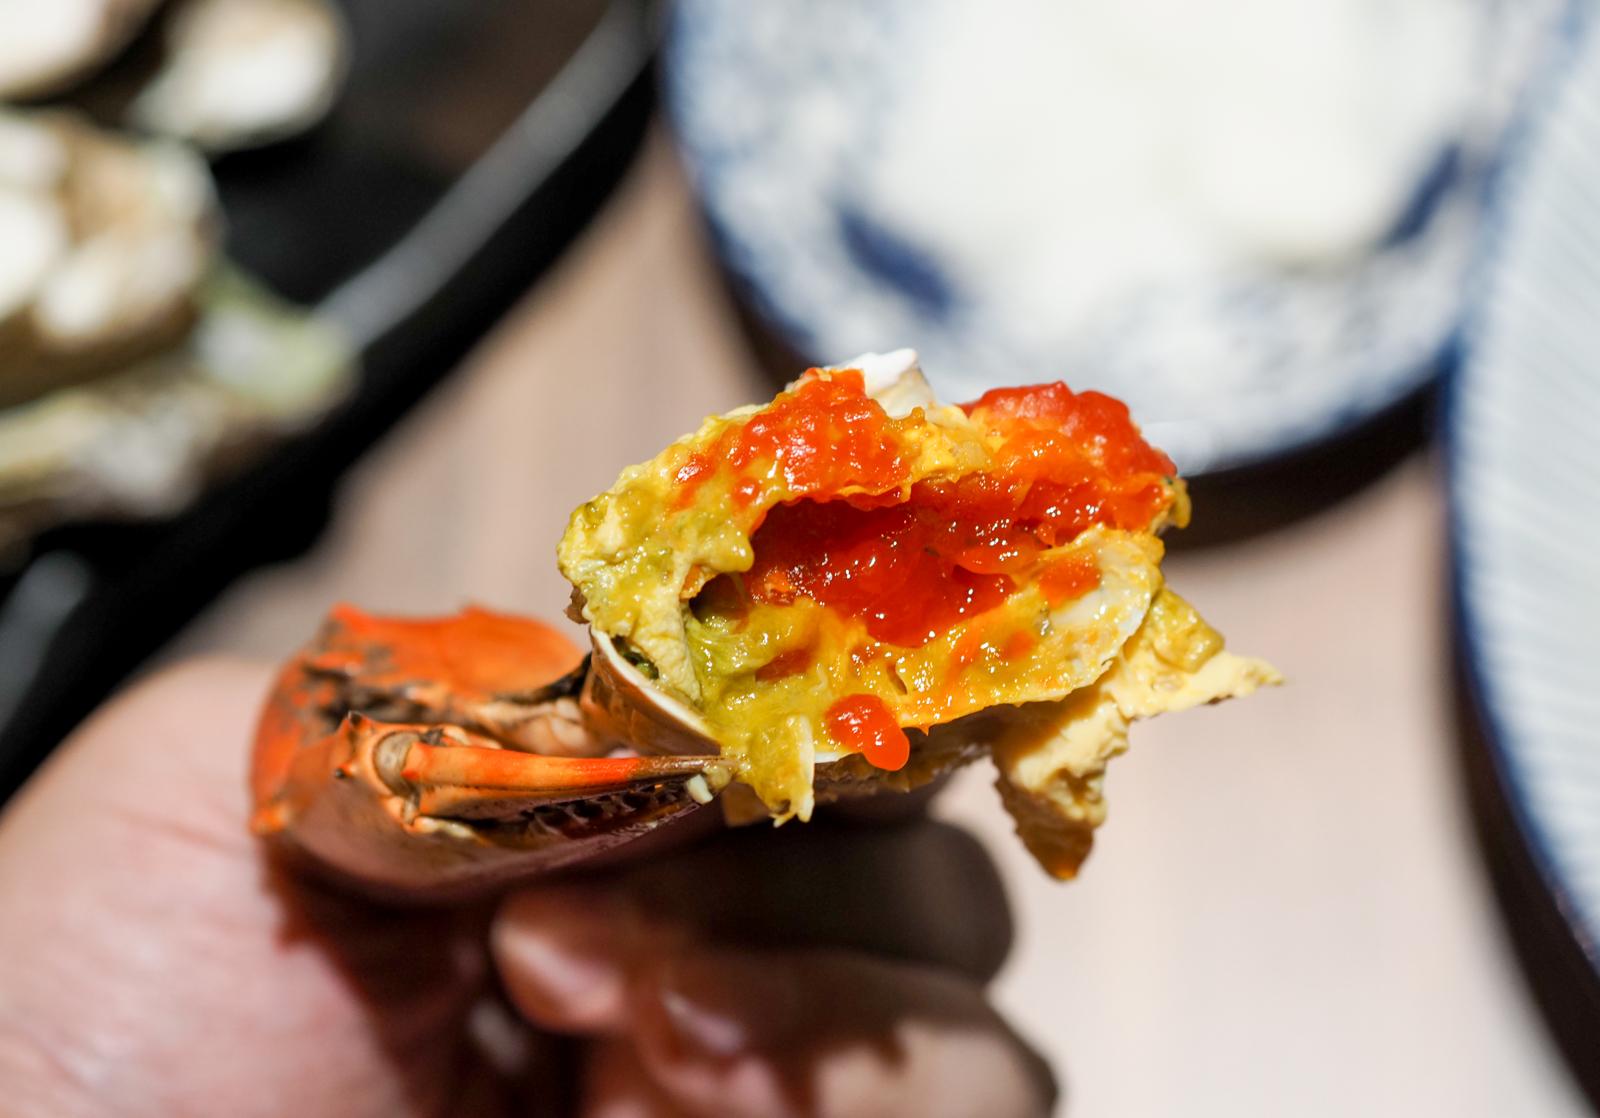 【台北市海鮮餐廳】漁聞樂日式活海鮮料理 平價現撈活海鮮 海鮮桌菜俗俗吃!